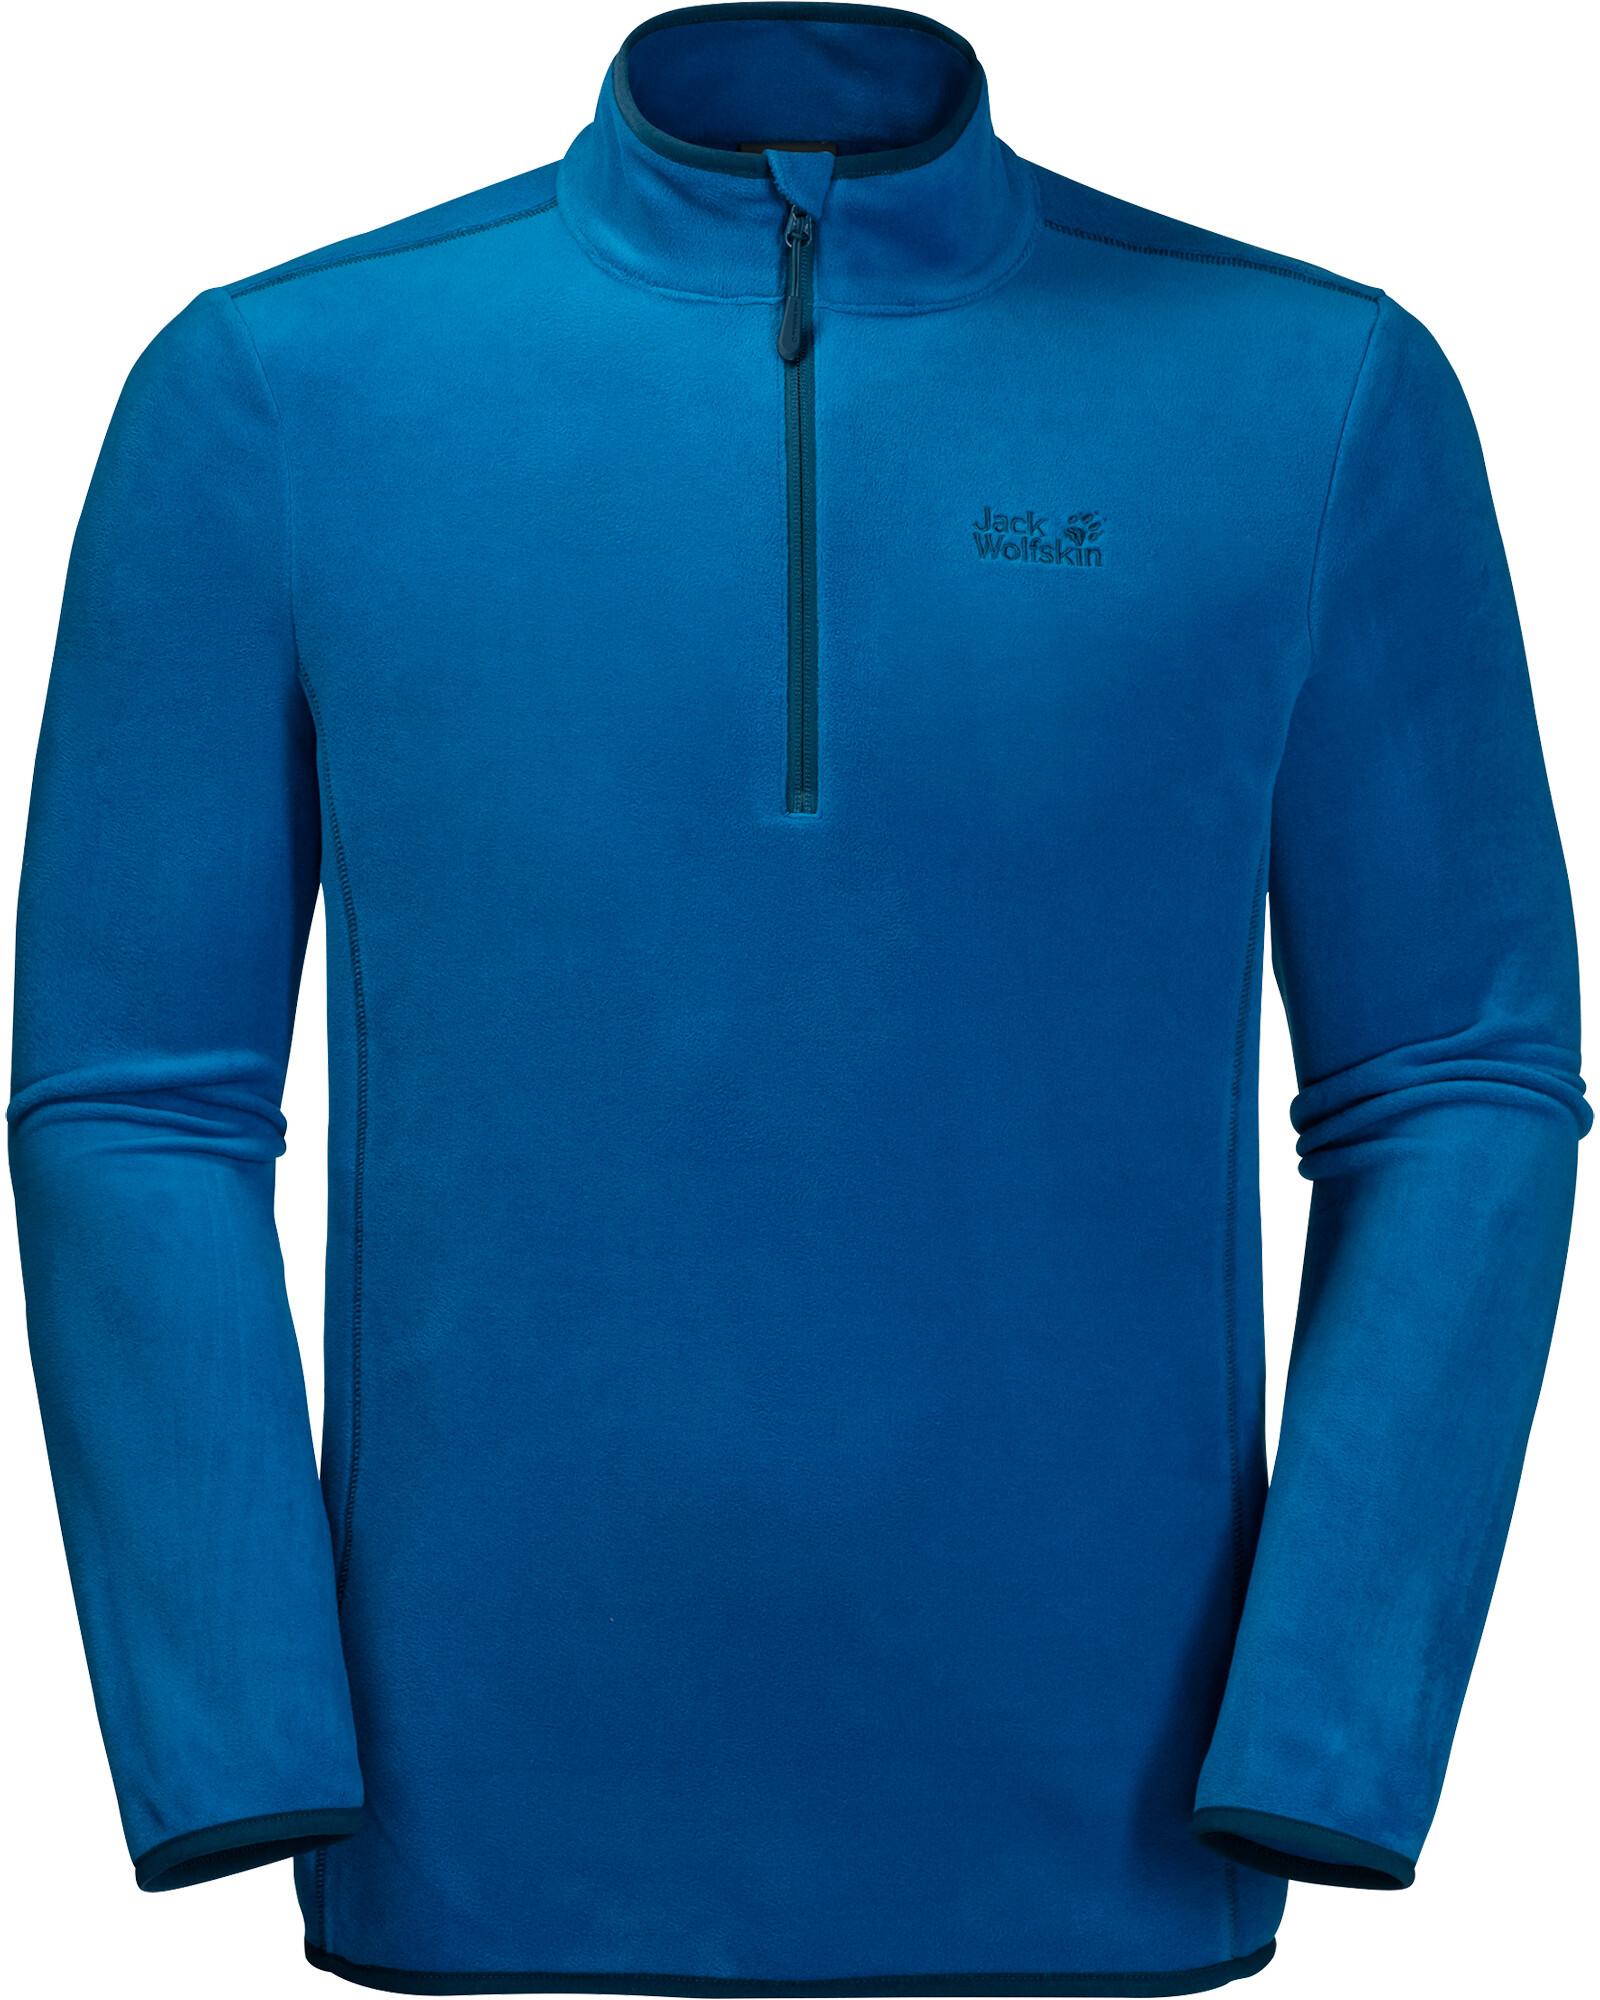 am besten authentisch außergewöhnliche Auswahl an Stilen Sonderkauf Jack Wolfskin Echo Fleece Pullover Herren electric blue